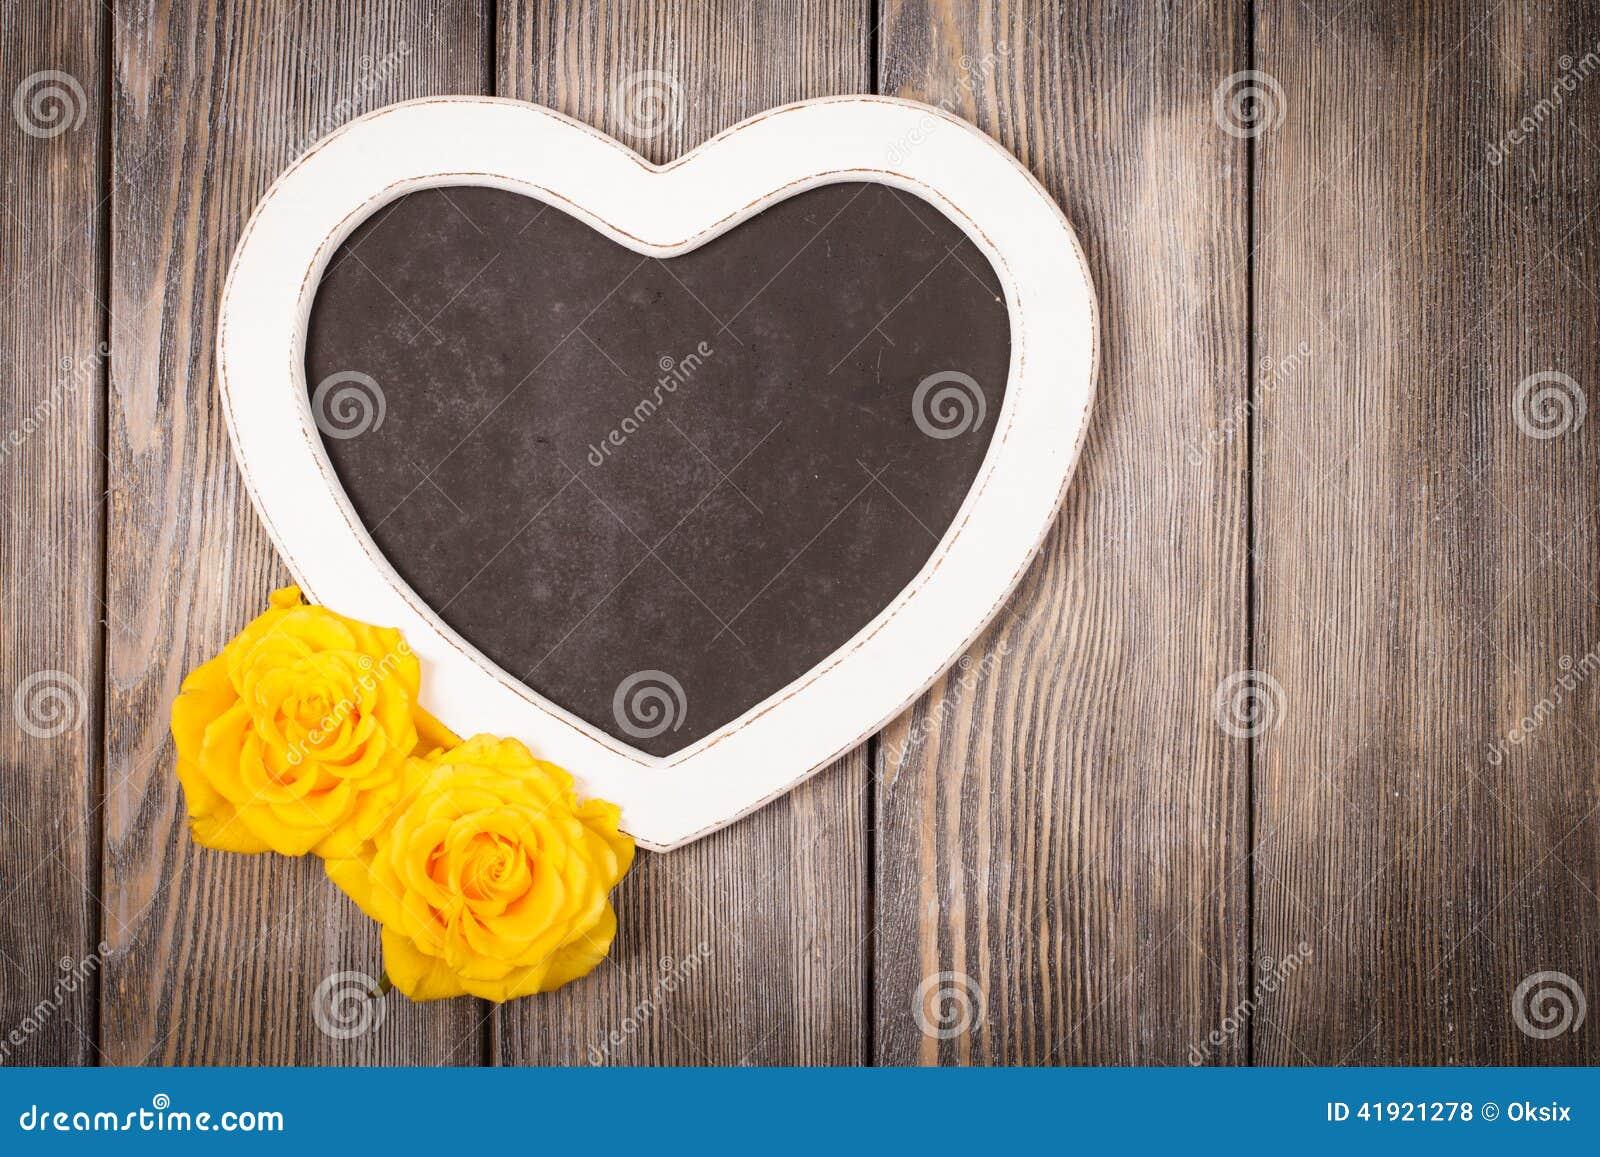 Pizarra de la forma del corazón